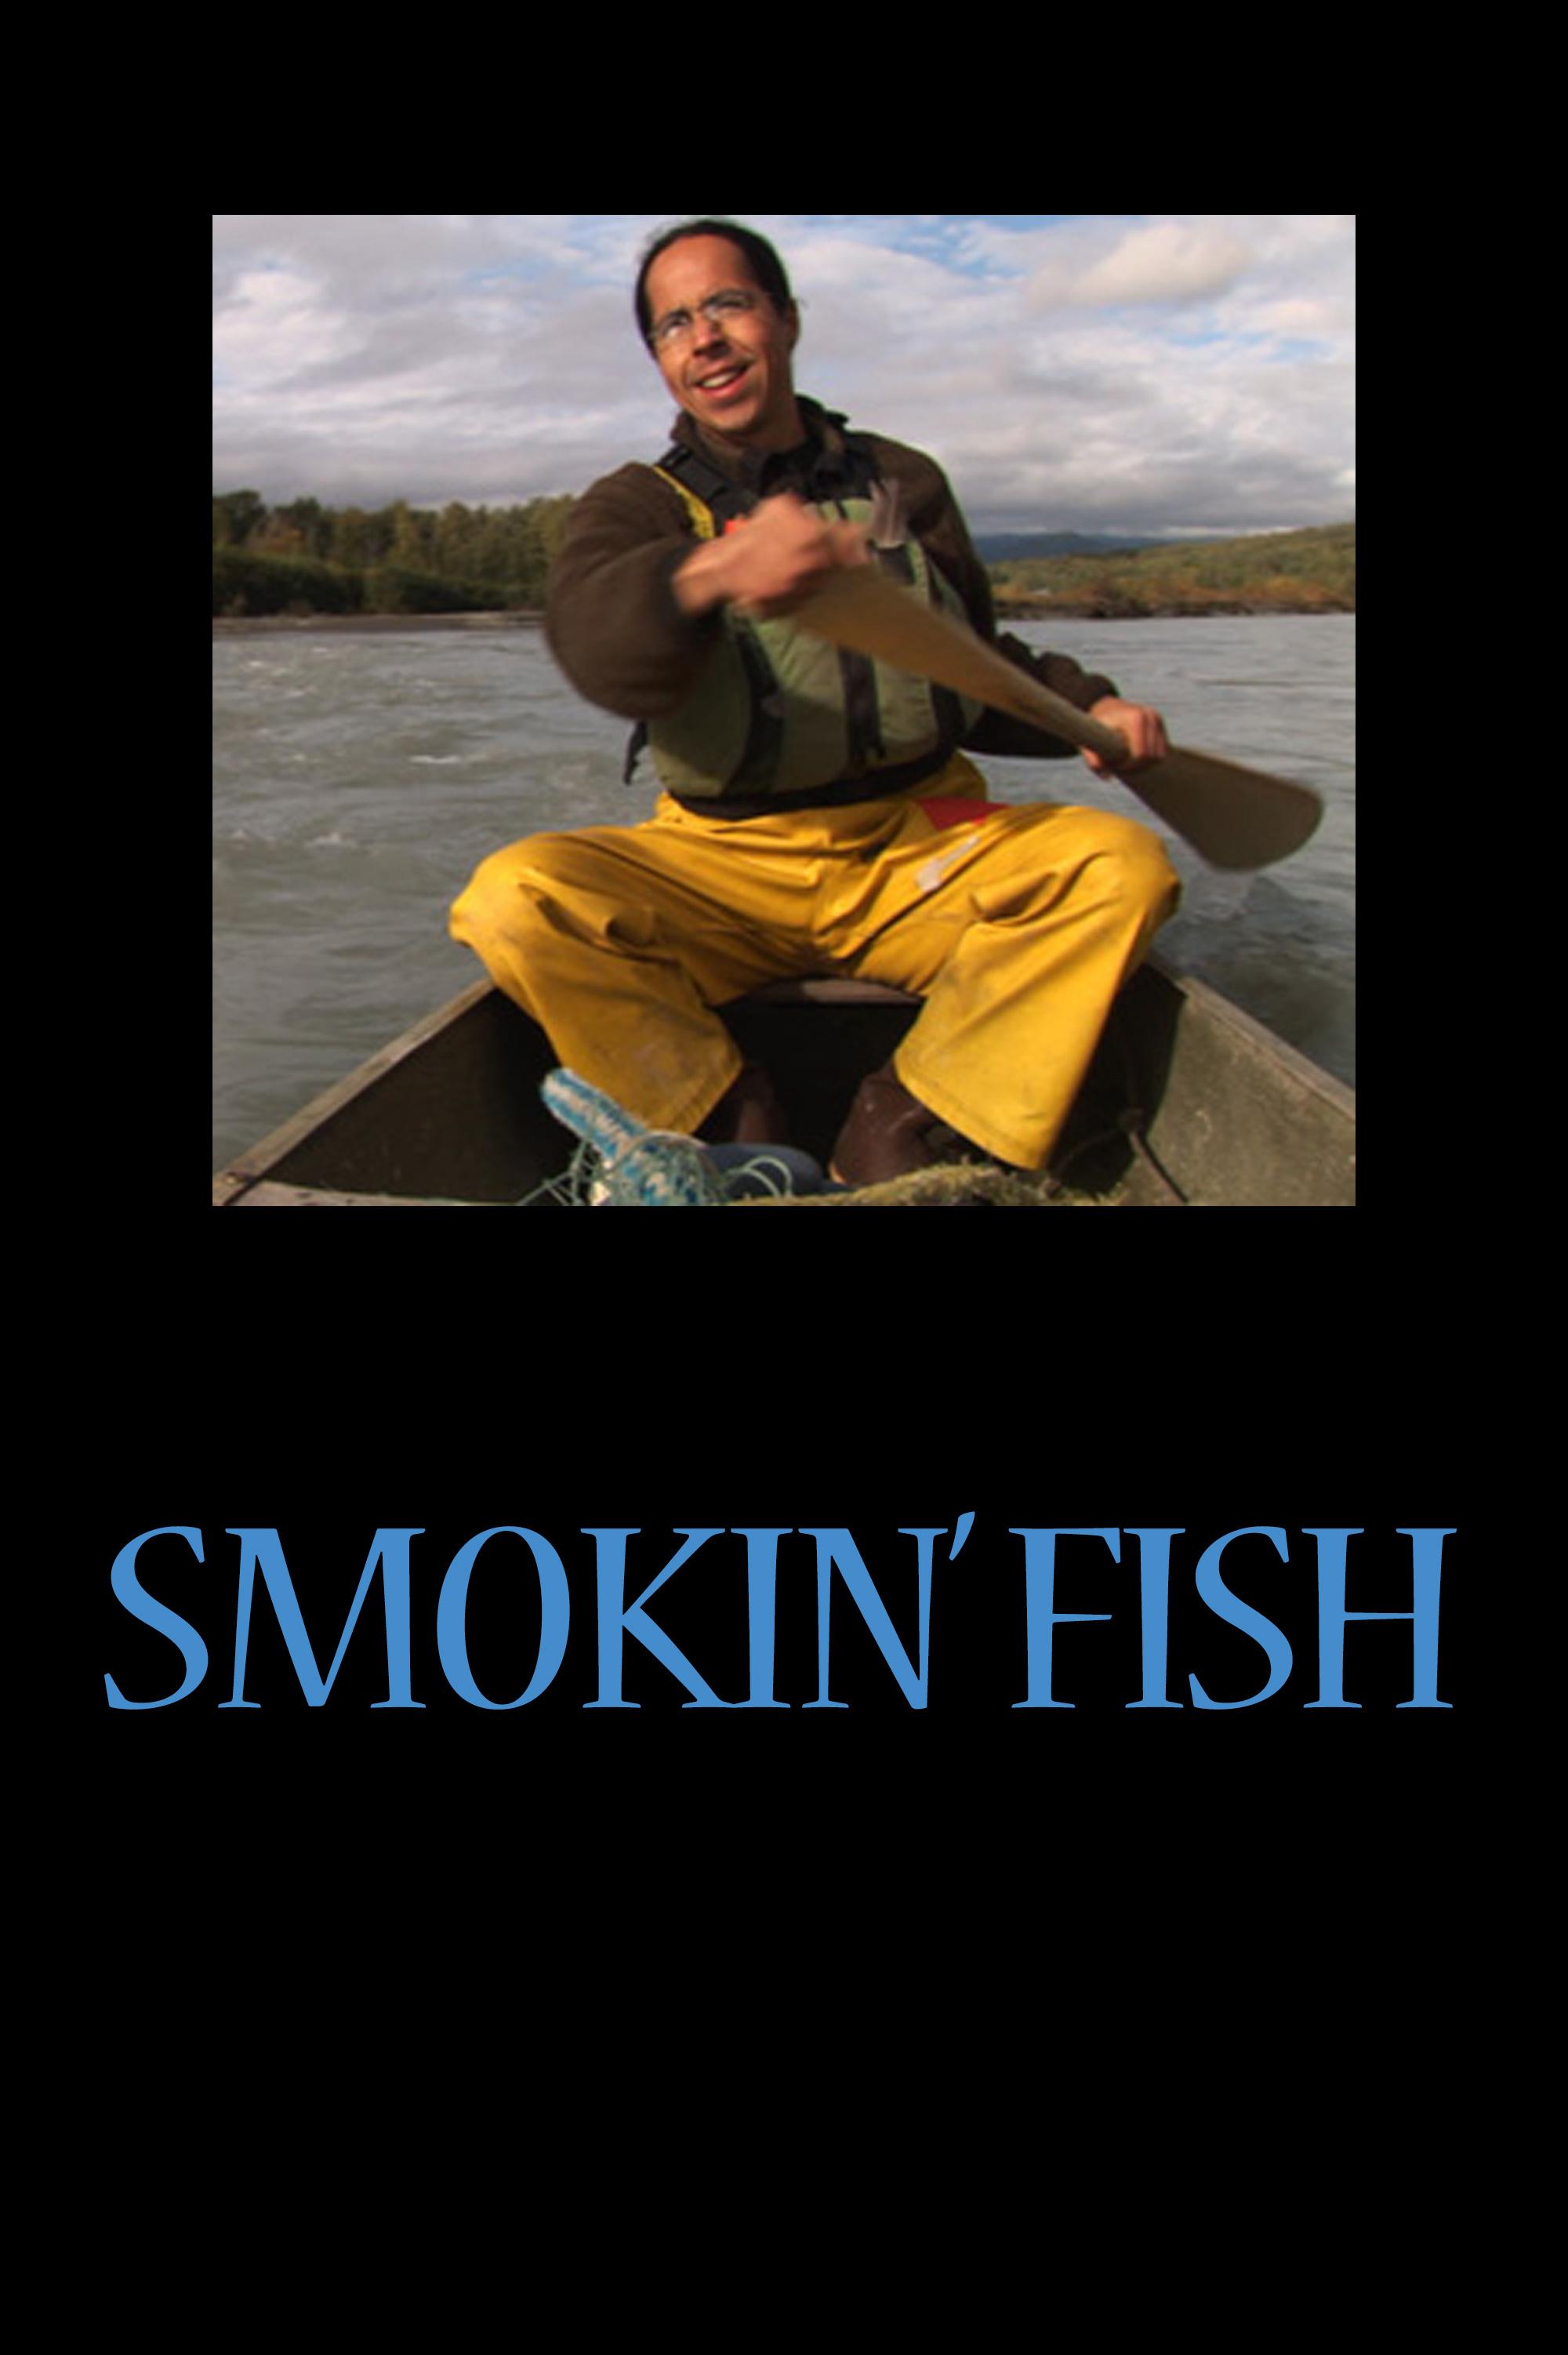 Smokin' Fish